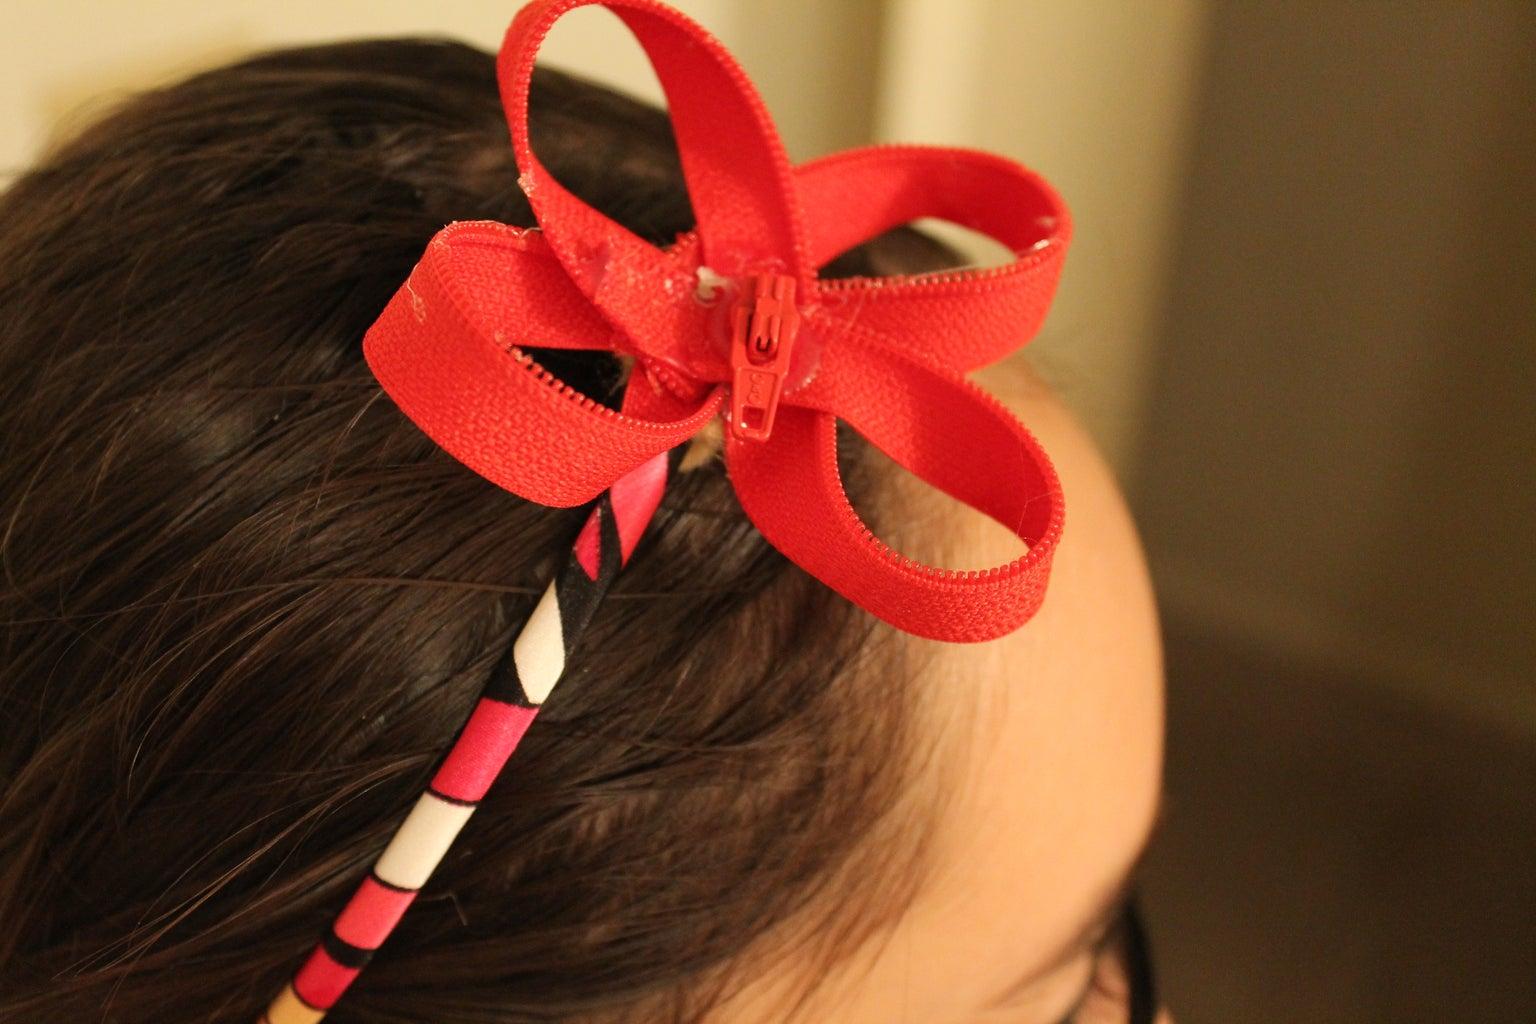 How to Make a Zipper Flower